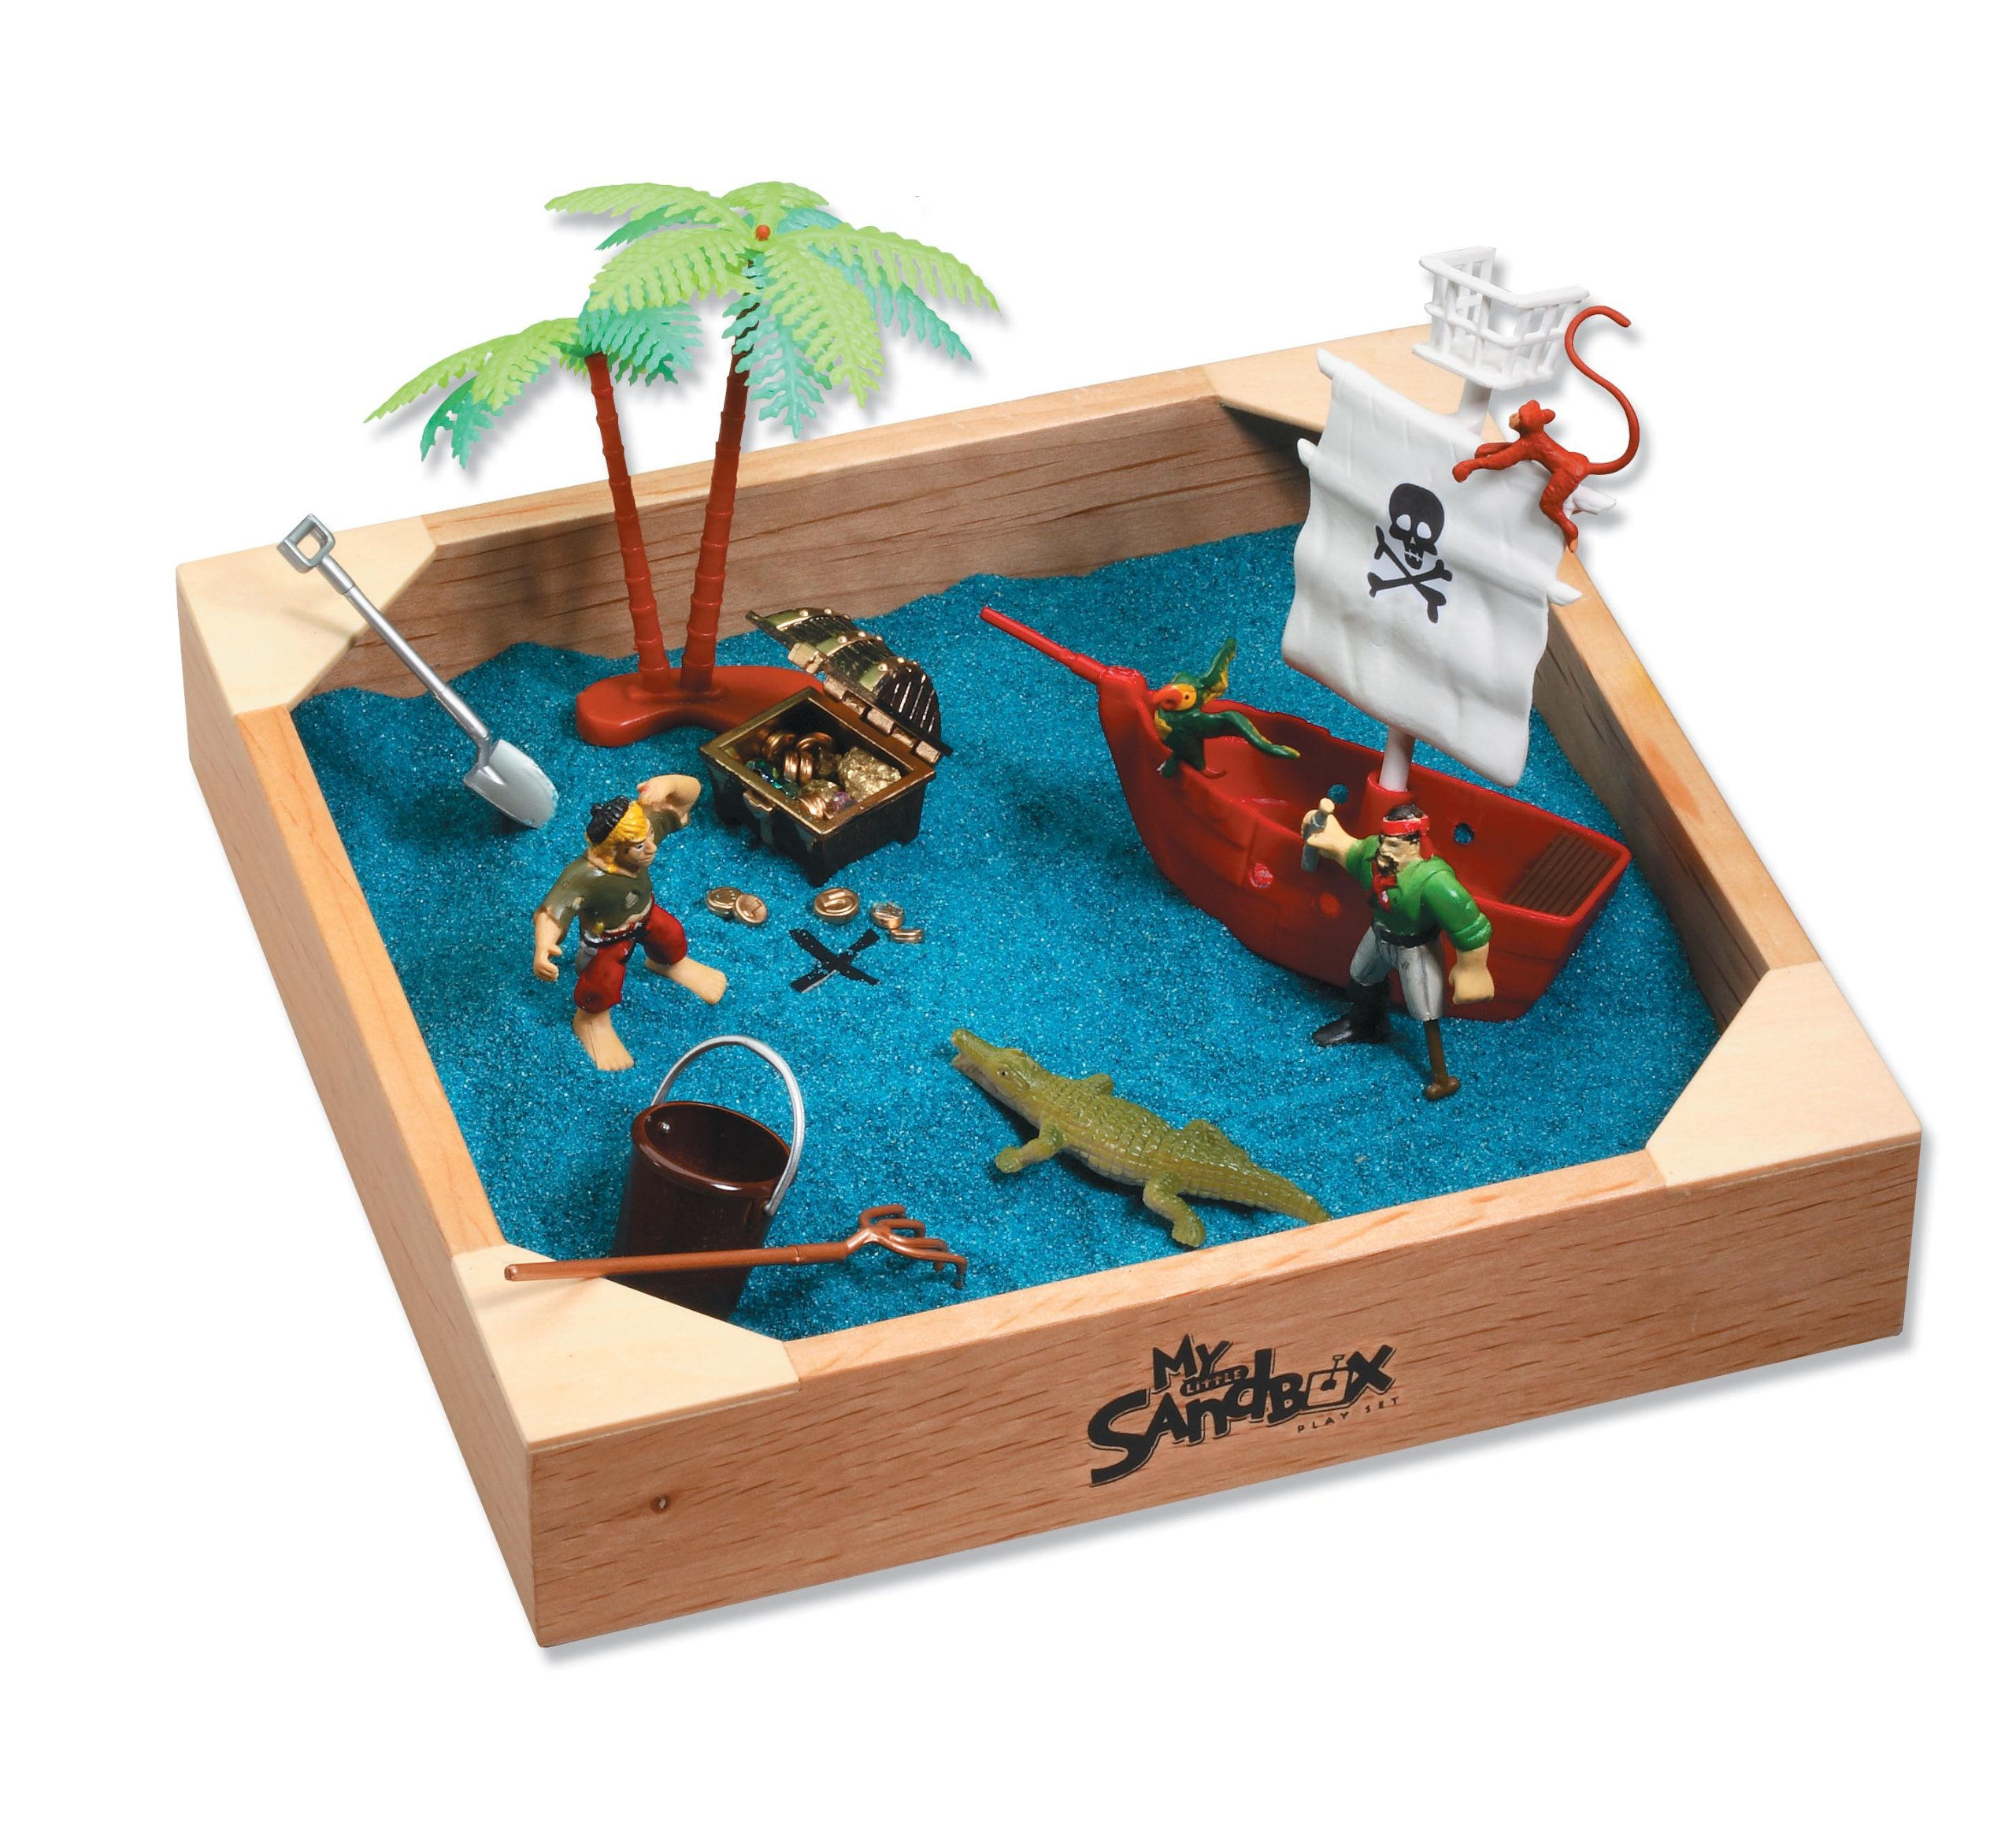 Be Good Company My Little Sandbox - Pirates Ahoy! Play Set